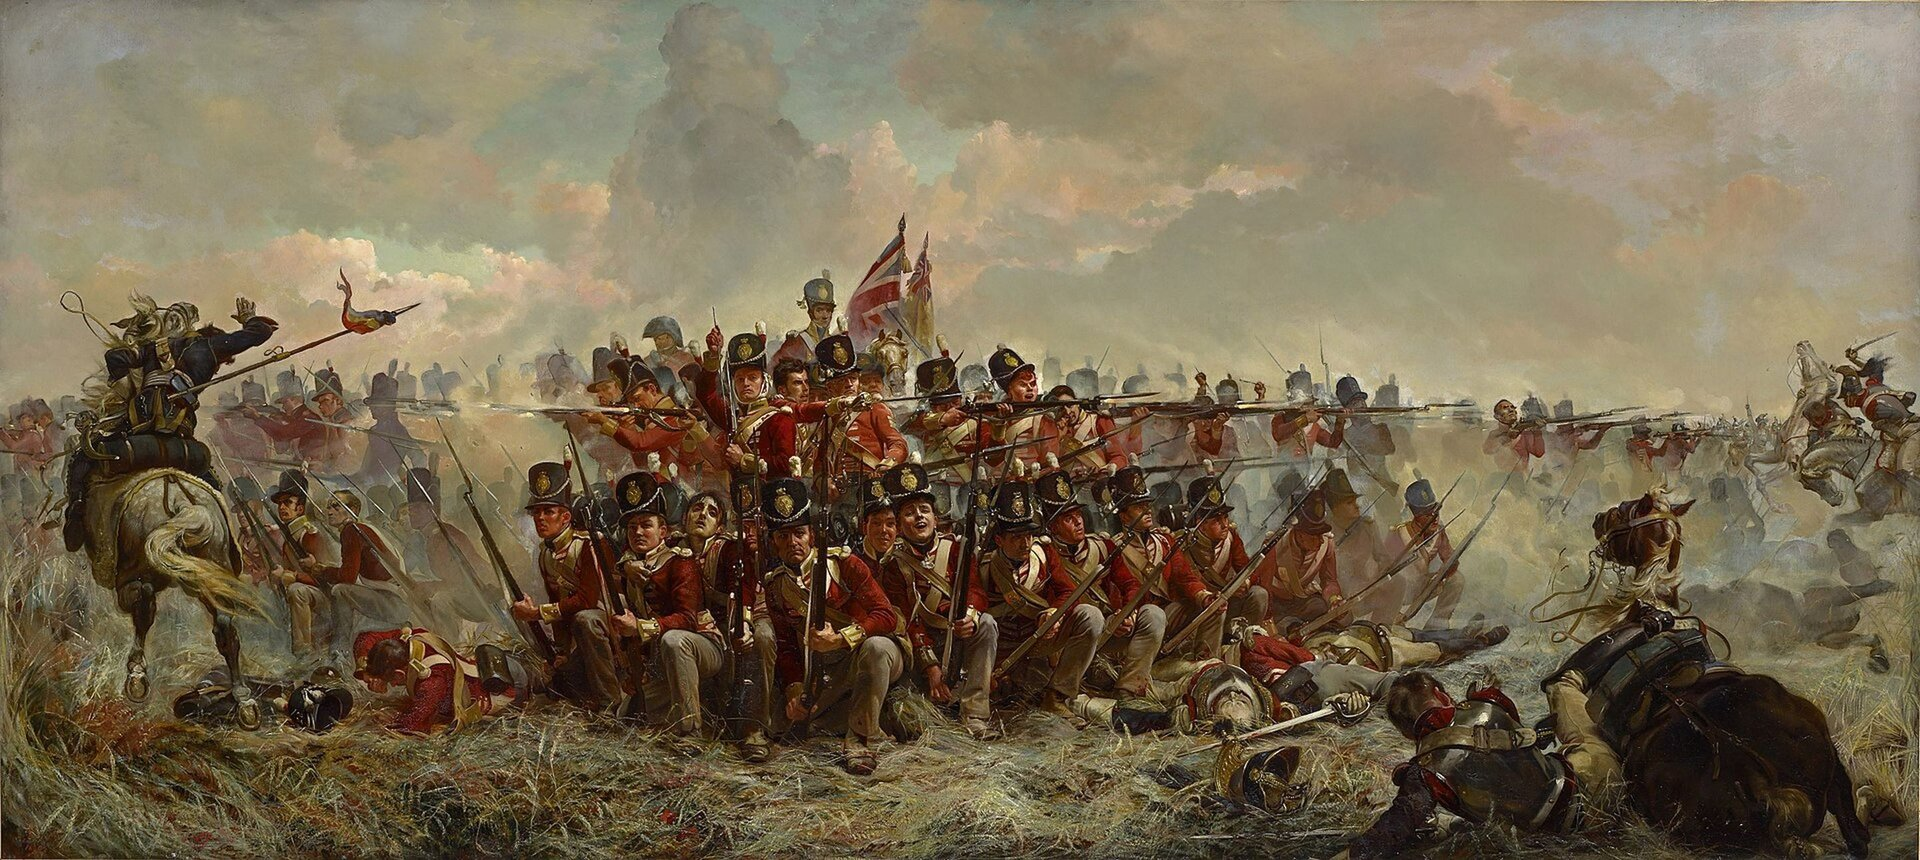 """Ilustracja interaktywna przedstawia dzieło Elizabeth Thompson """"28 Pułk pod Quarte Bras"""". Obraz ukazuje grupę żołnierzy. Mężczyźni trzymają karabiny zbagnetami nakierowane na przeciwnika. Ubrani są wczerwone mundury. Niektórzy patrzą wgórę, mają otwarte usta. Po lewej stronie konno galopuje żołnierz wgranatowym mundurze zwyciągniętą ręką. Wprawy, dolnym rogu znajduje się przewrócony koń zleżącym obok żołnierzem. Scena owita jest tumanami kurzu. Wtle obraz jest rozmyty, anad całością wisi ciężkie, zachmurzone niebo."""